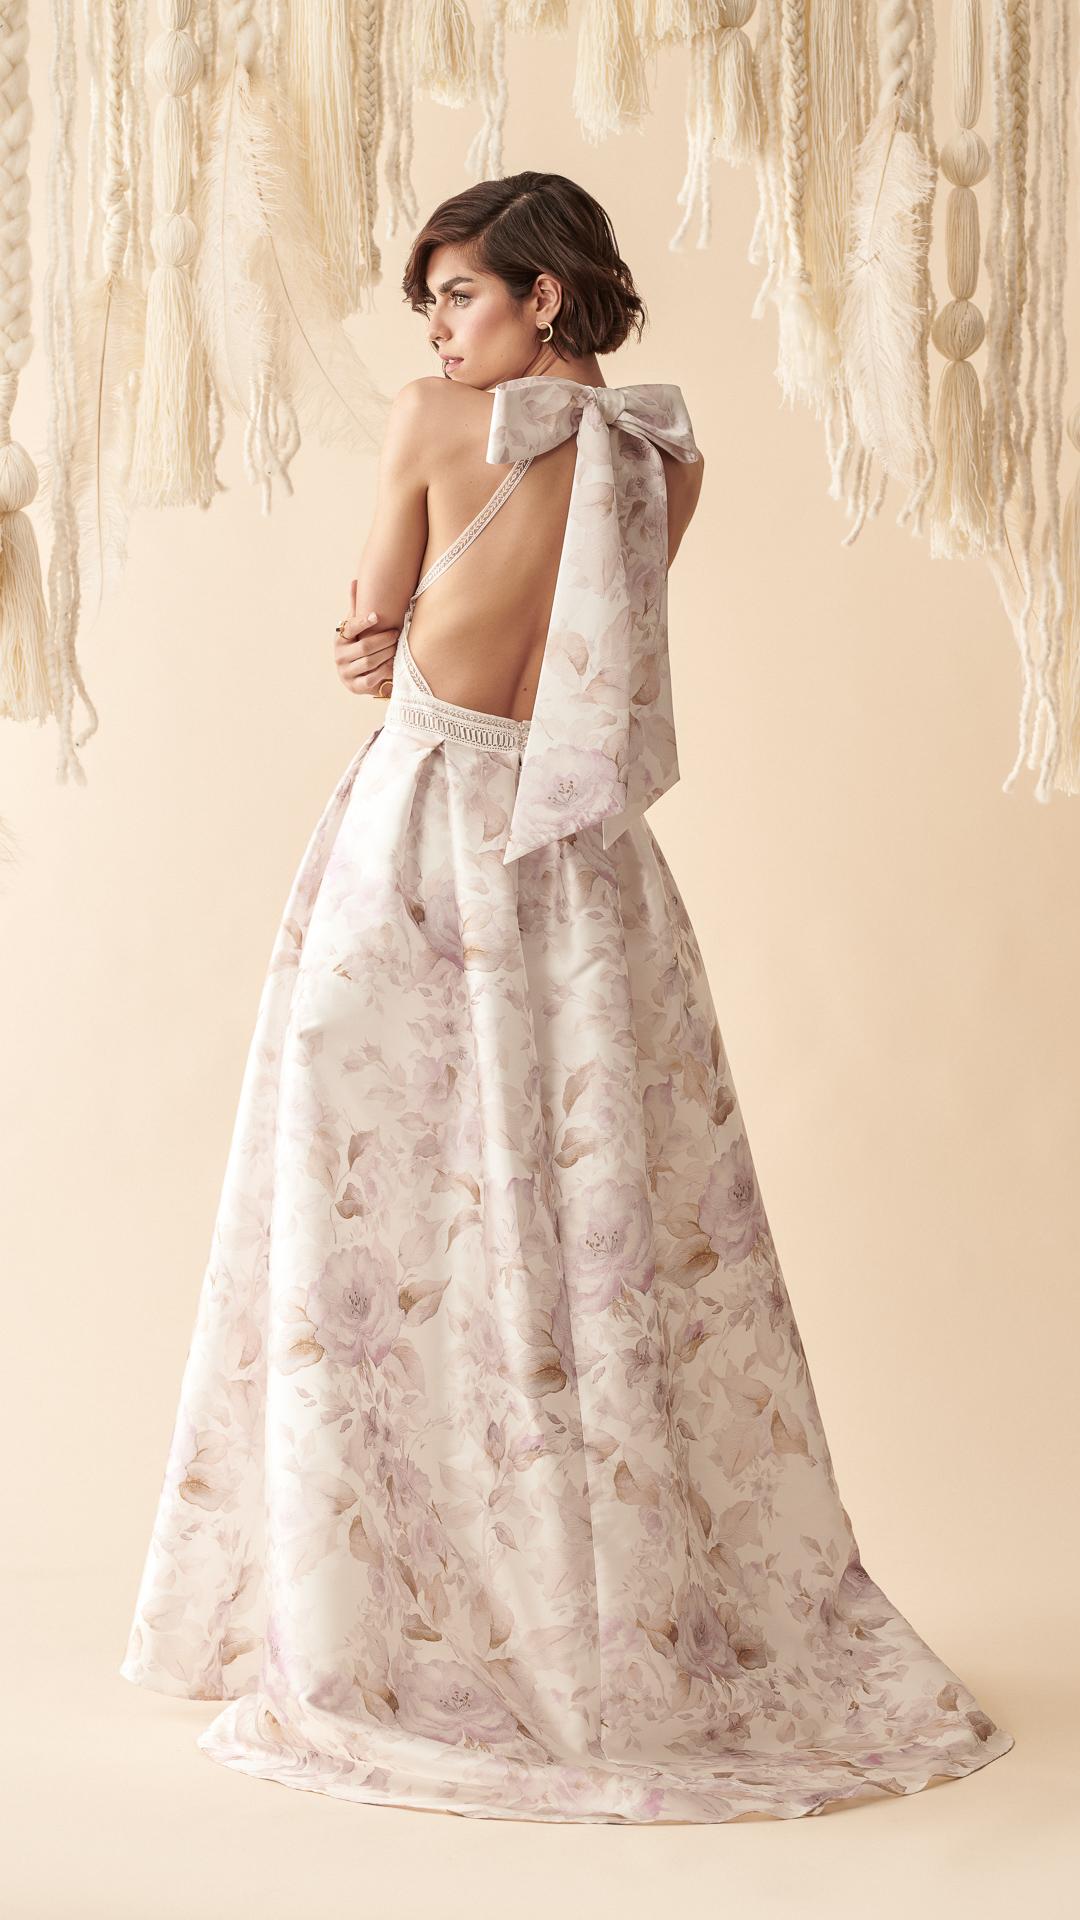 Marie Kita - Marylise Brautkleider 2020